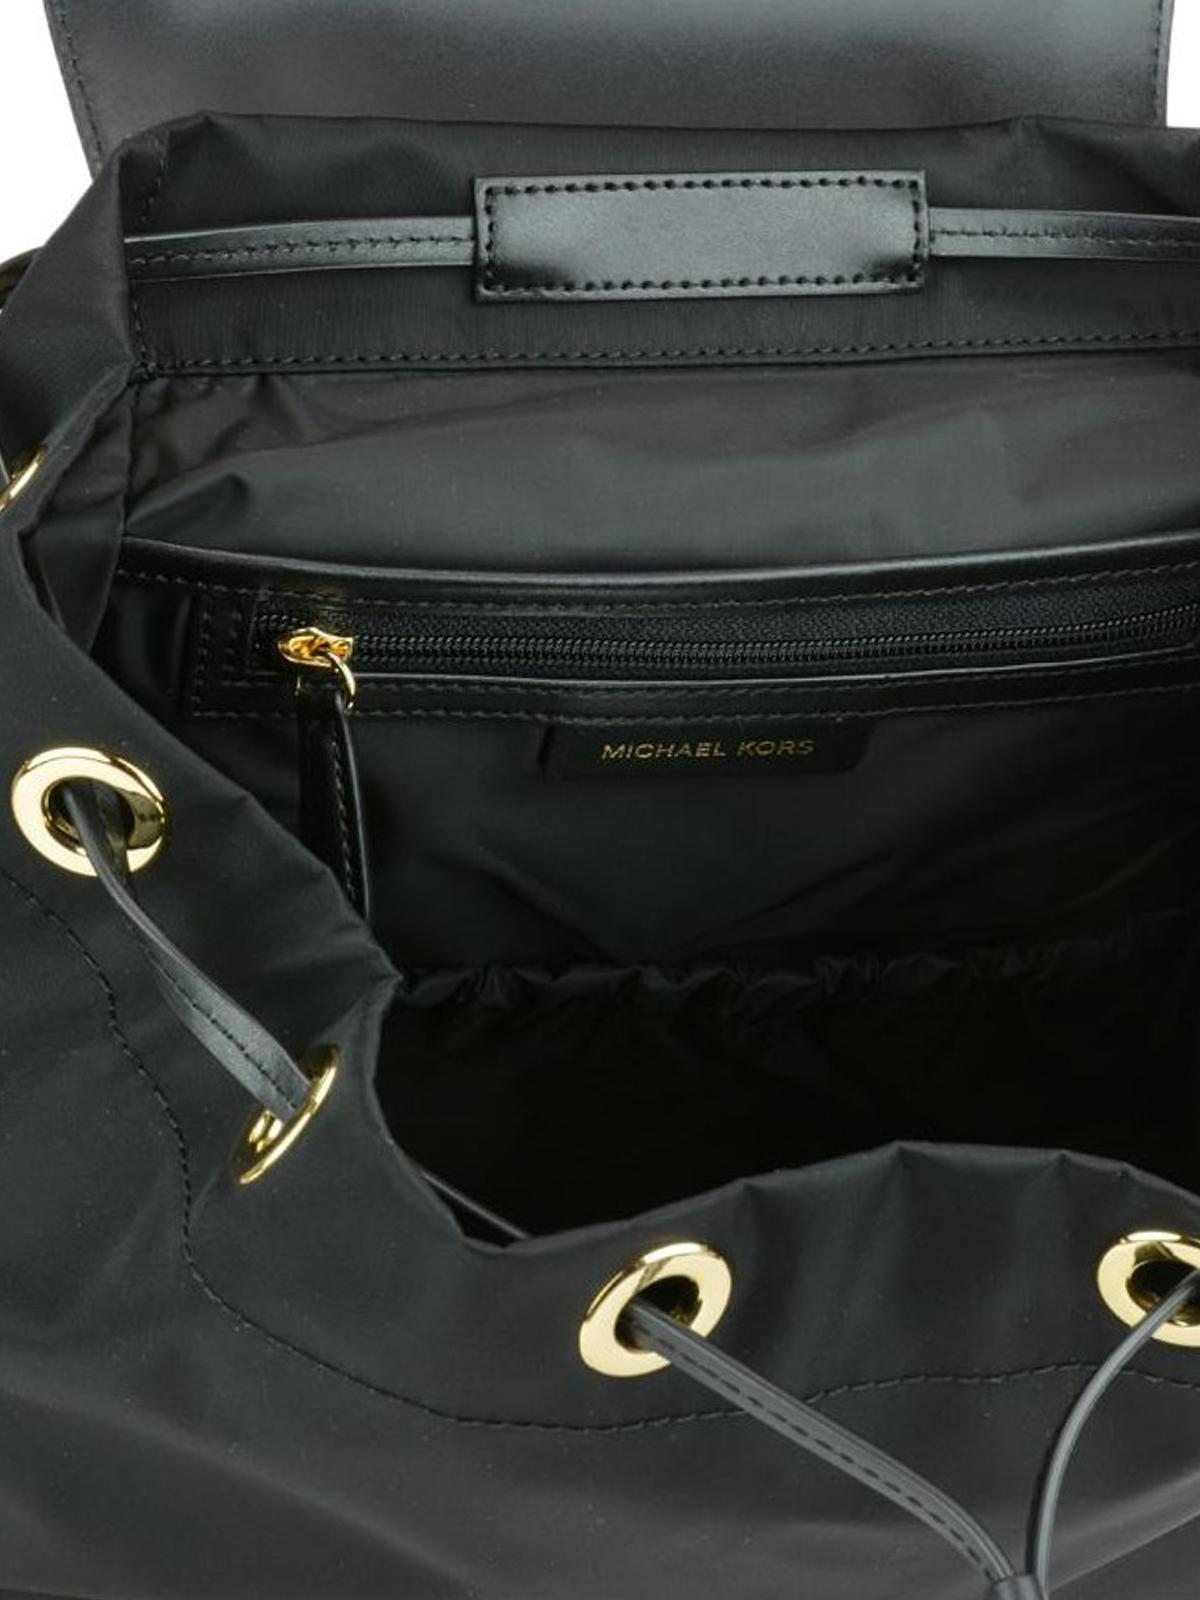 e5b30ffcb9a5 Michael Kors - Mott L black nylon diaper backpack - backpacks ...